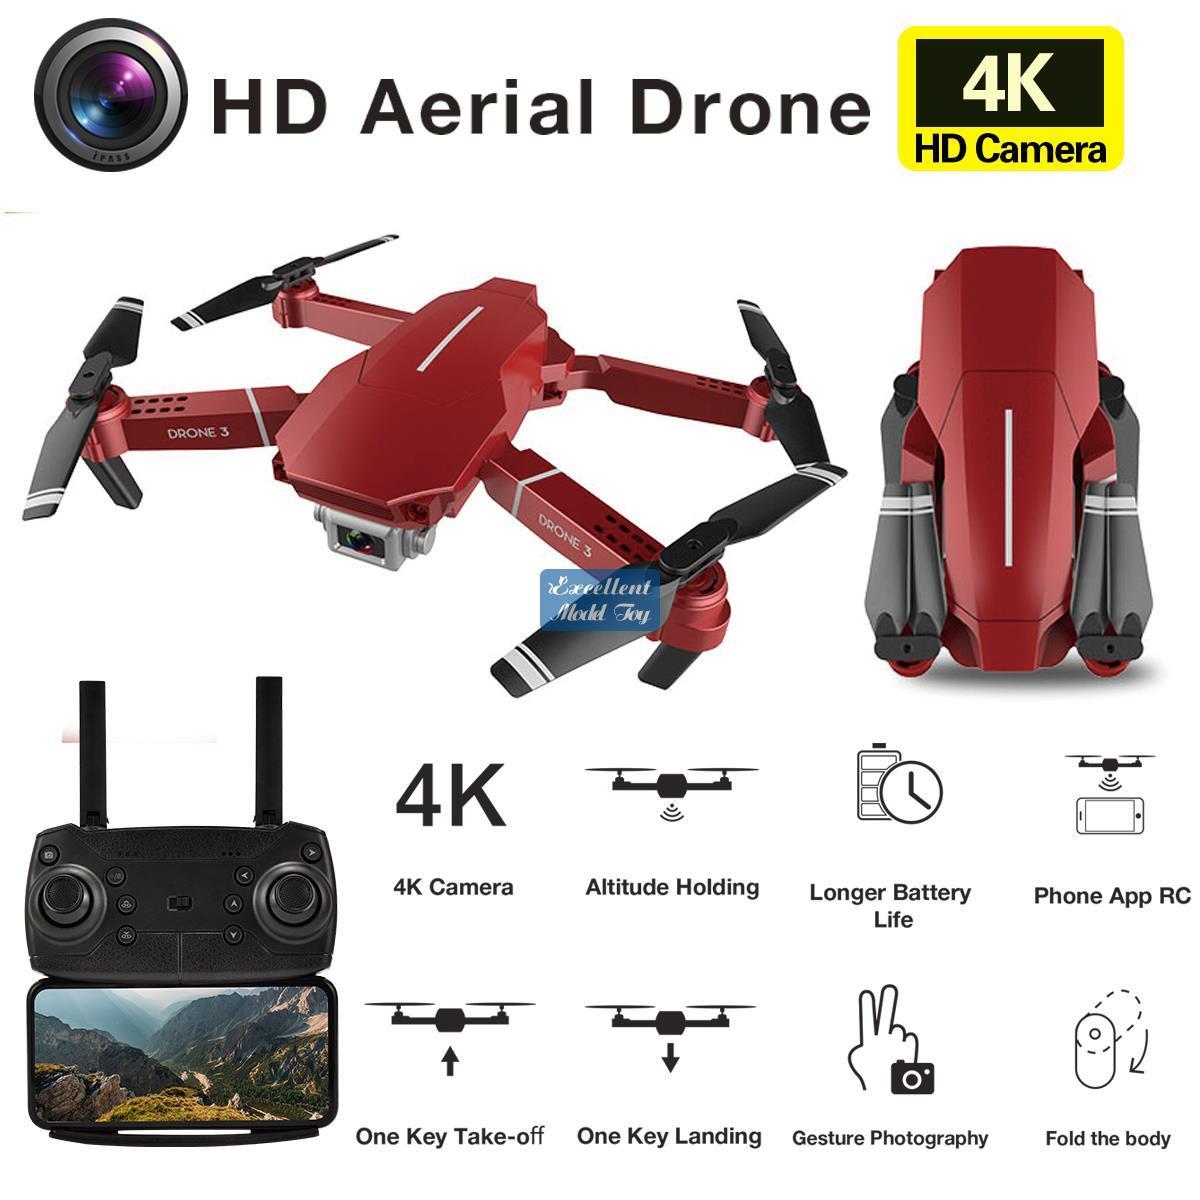 E98 4K-Kamera-FPV-Mini-Drone-Kid-Spielzeug, E68-Upgrade-Version, Höhenhold, Track-Flug, einstellbare Geschwindigkeit, 360 ° Flip, Weihnachtsgeschenk, 3-1